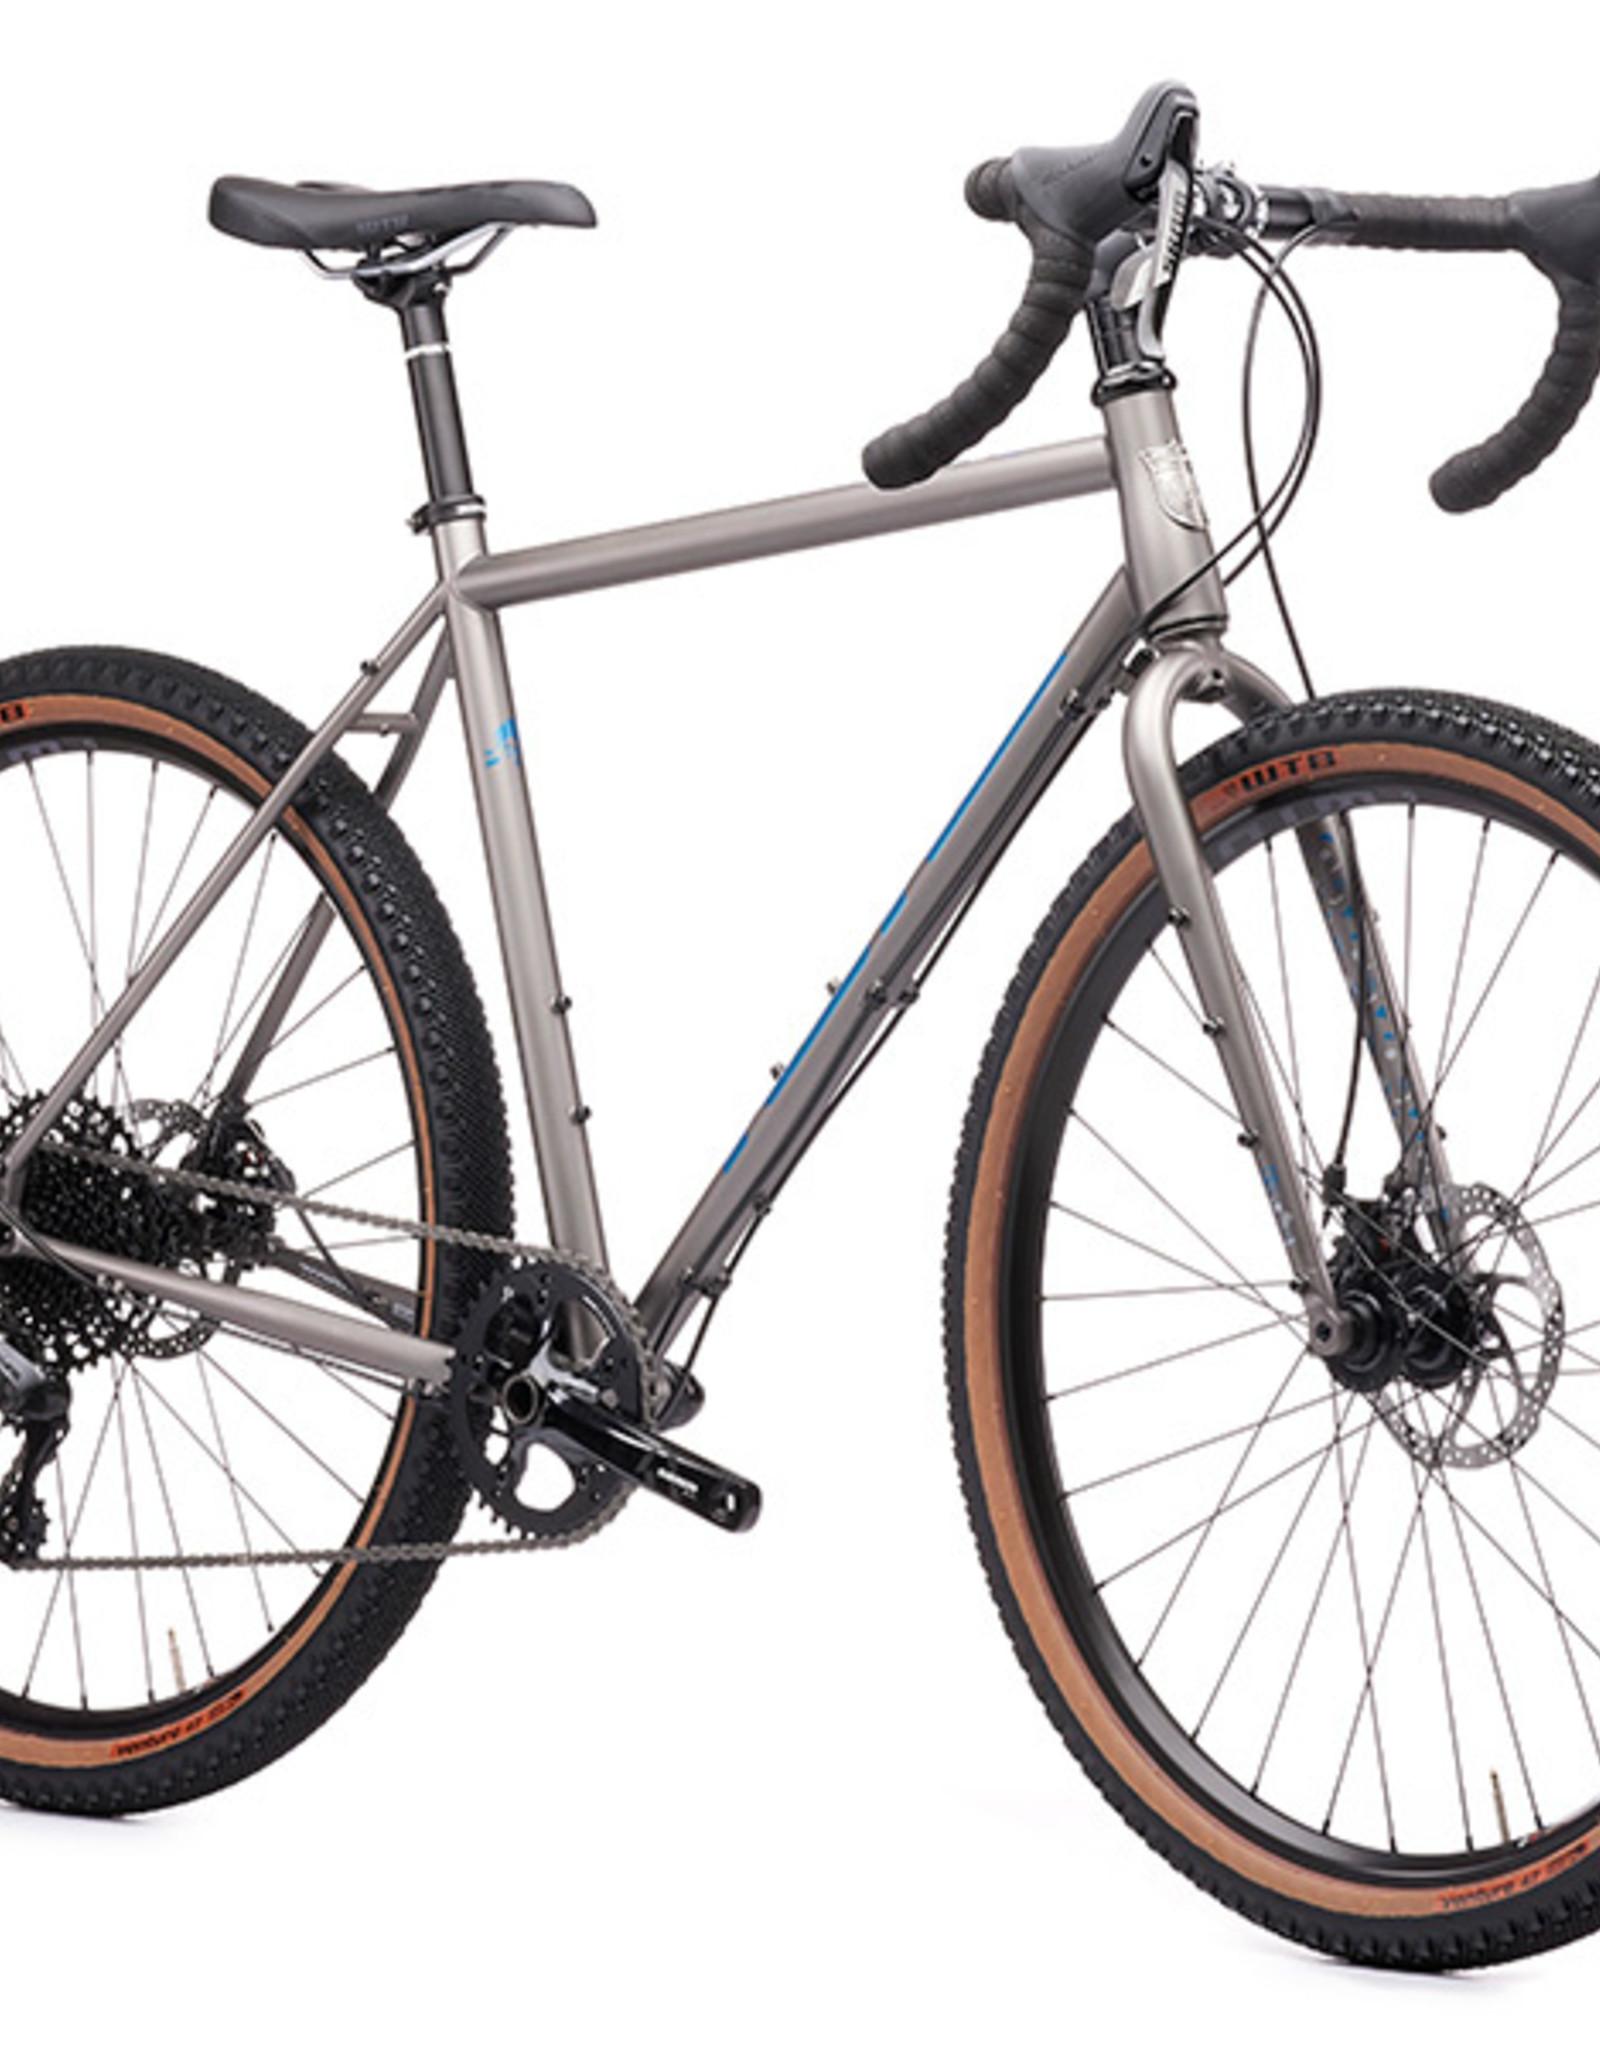 Kona Bicycles Kona Rove DL (Matte Faux Raw) 2021